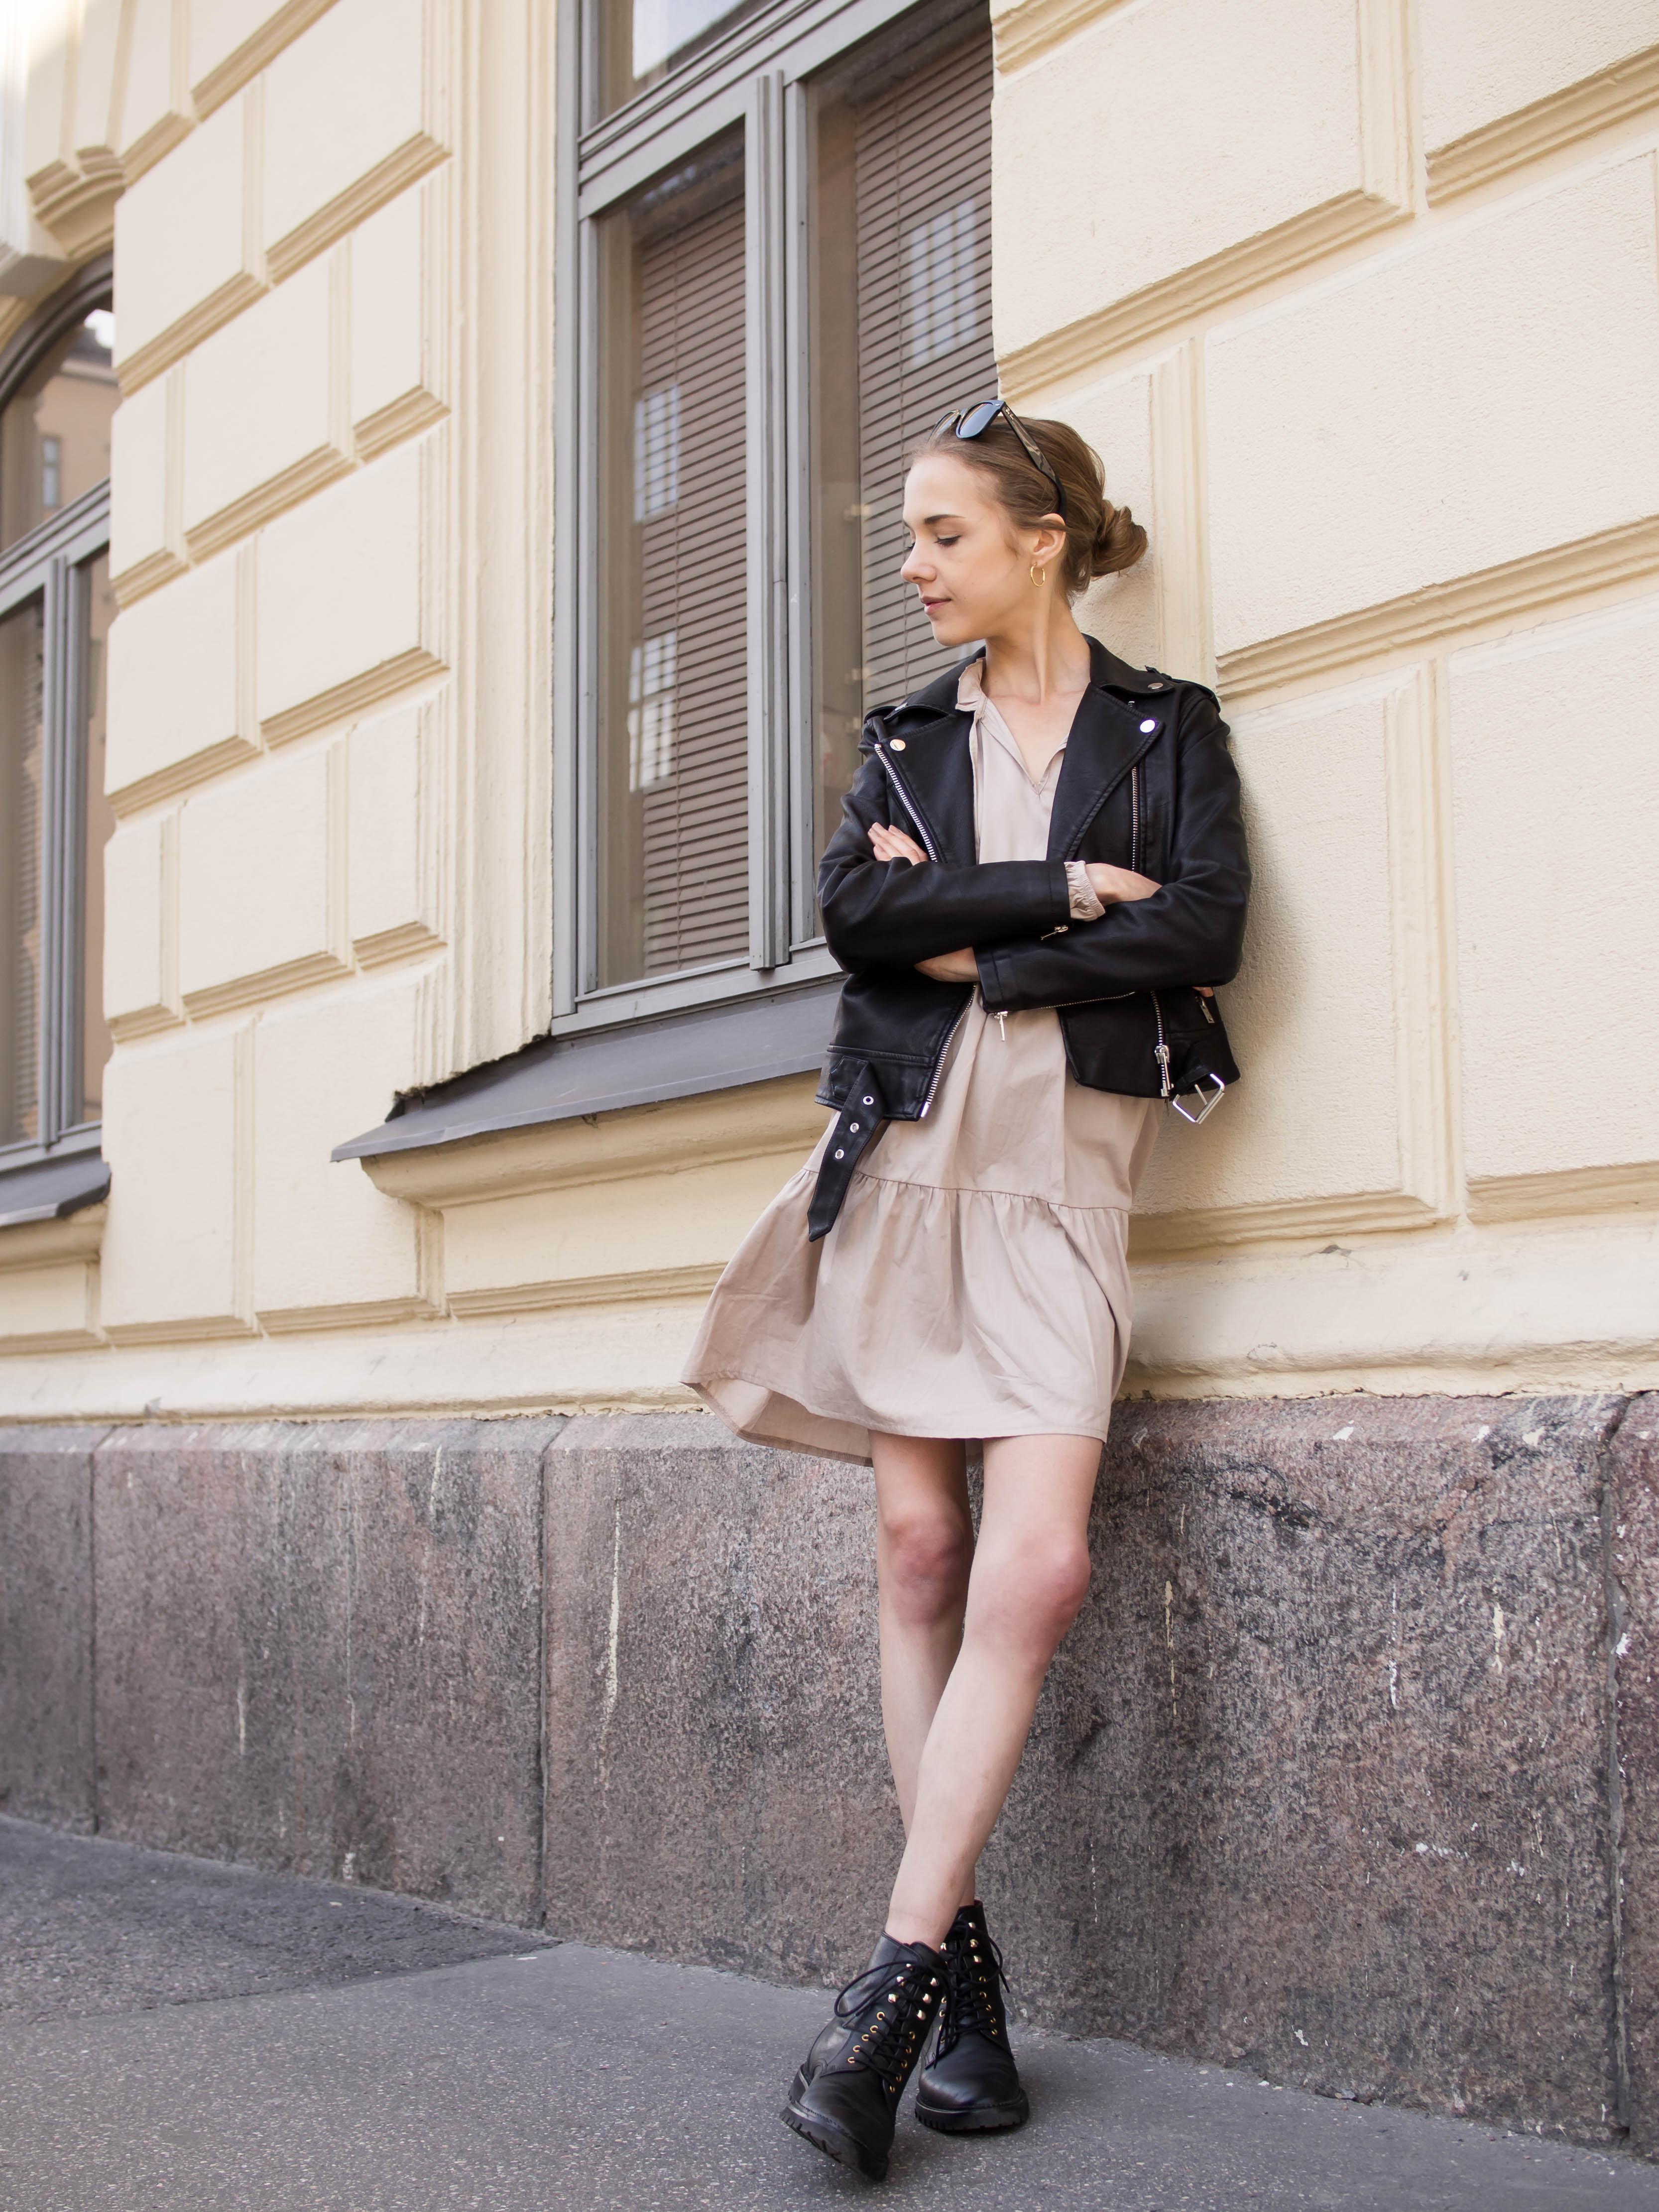 Fashion blogger outfit: beige smock dress, black leather jacket and lace up boots - Muotibloggaaja asuinspiraatio: beige mekko, musta nahkatakki ja mustat maiharit